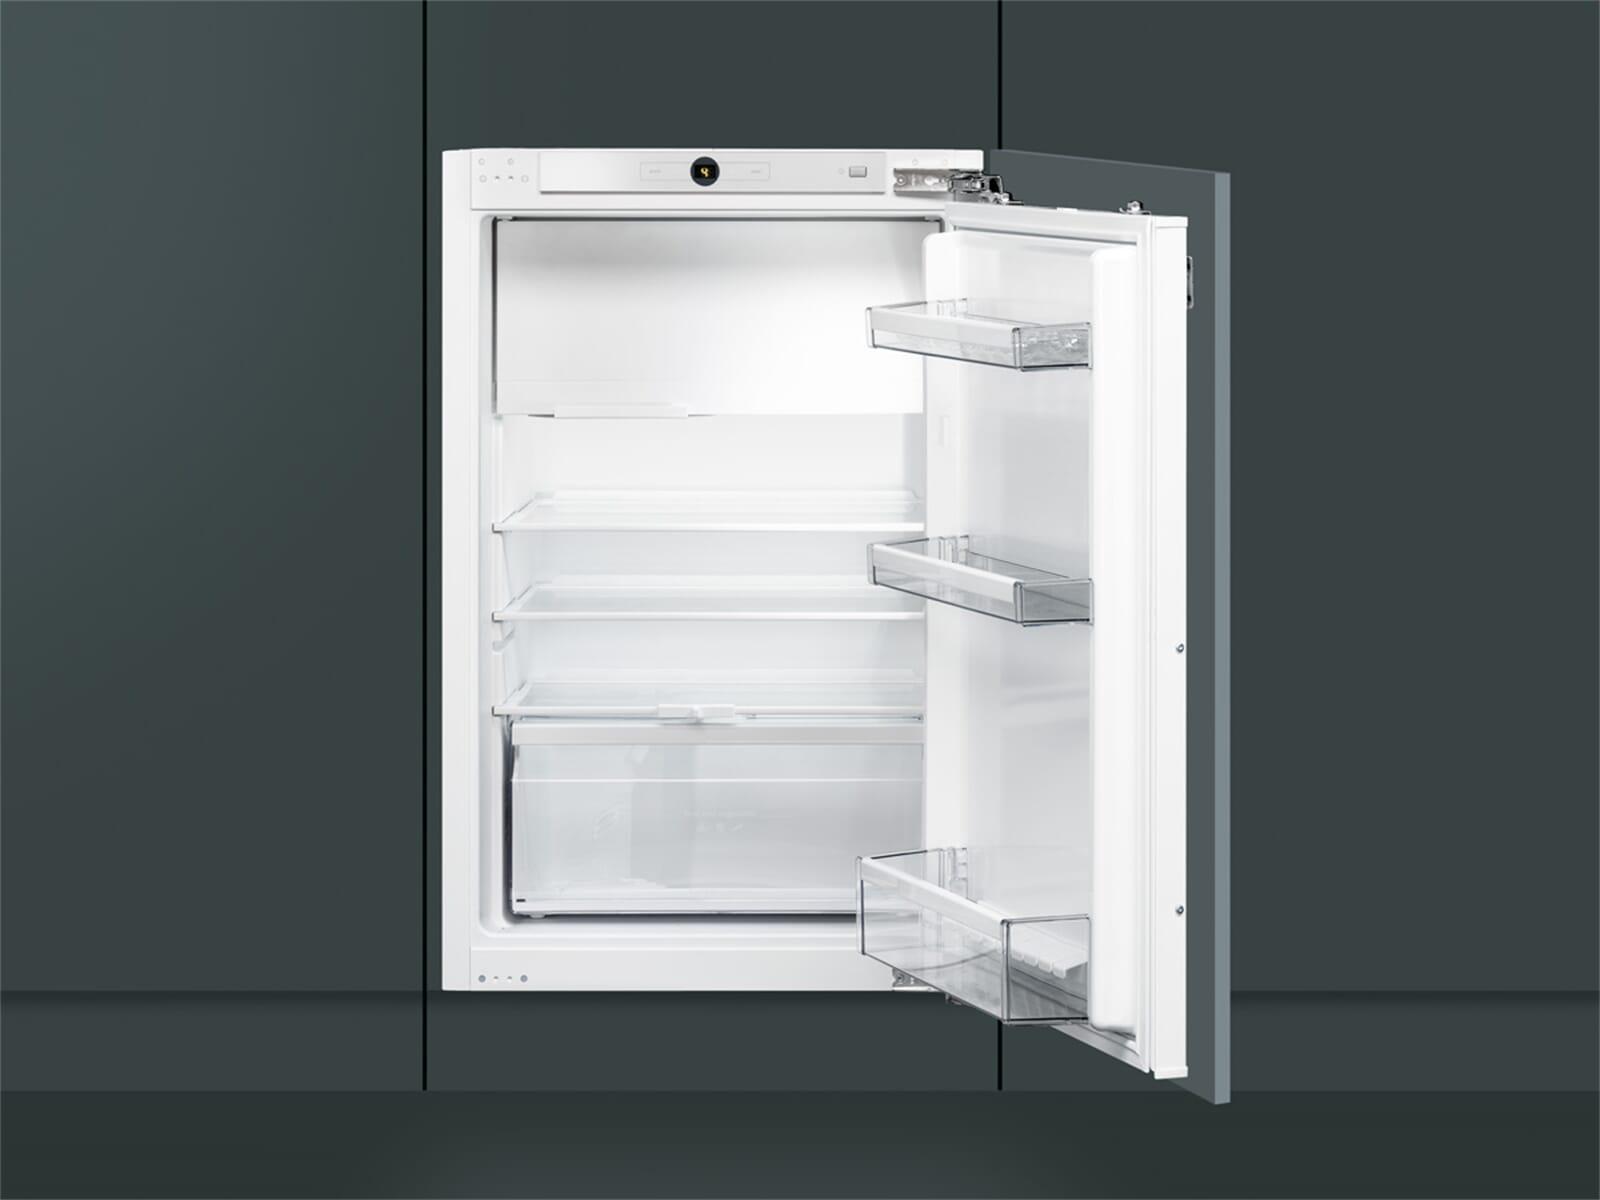 Bosch Kühlschrank Schwer Zu öffnen : Smeg kühlschrank tür geht schwer auf hände weg vom kühlschrank